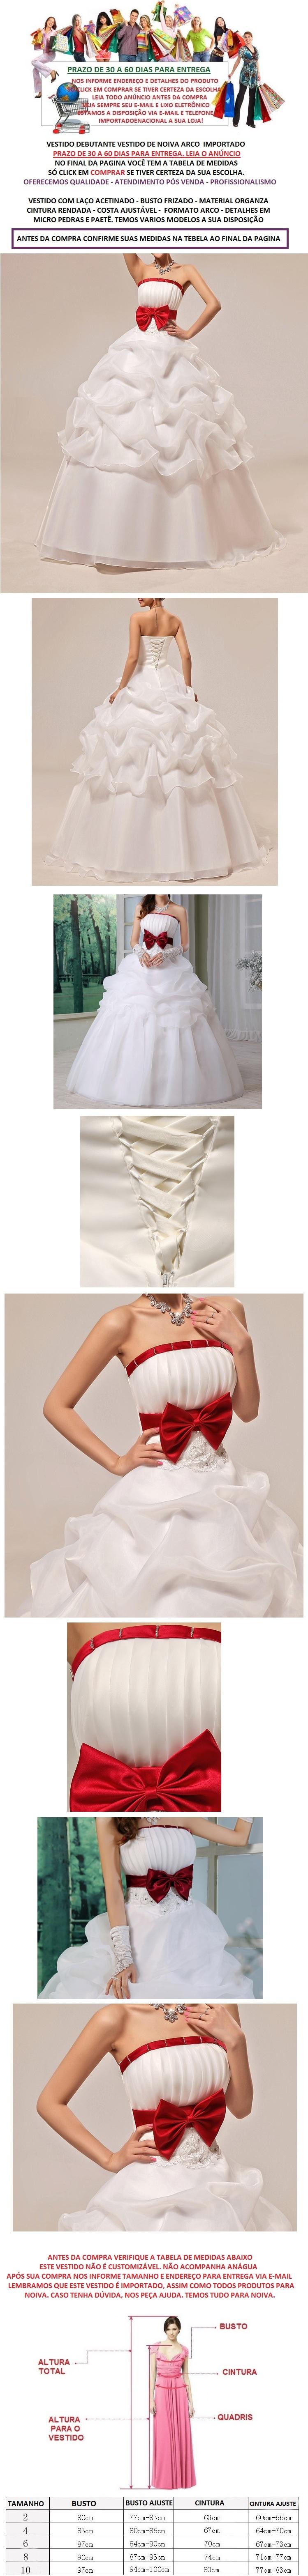 vestidodebutantevestidodenoivaarcoimportado.jpg